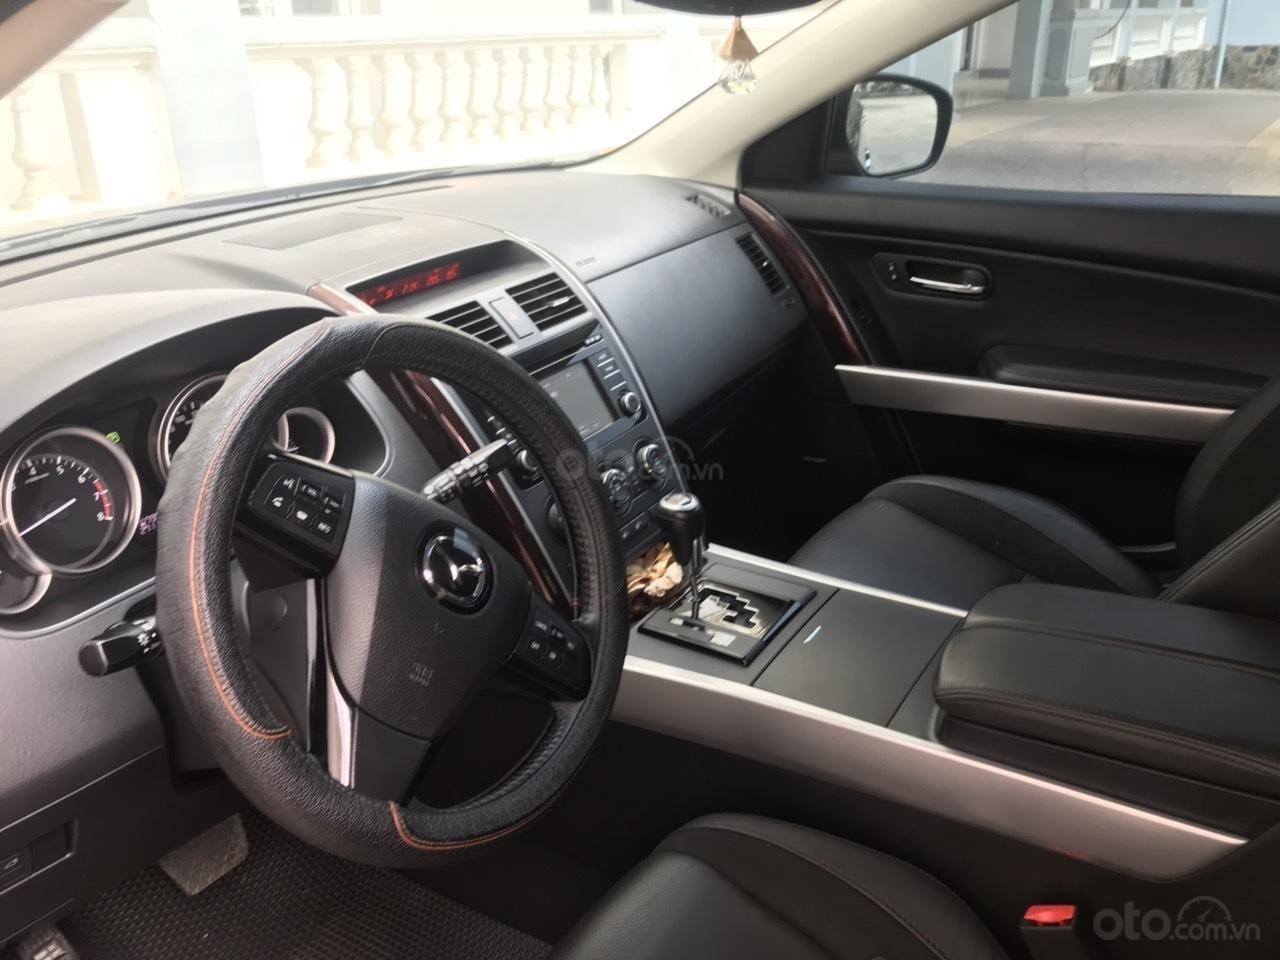 Bán Mazda CX9 màu đen, nhập khẩu Nhật Bản, sản xuất 2015, đăng ký 2016 tên tư nhân (13)